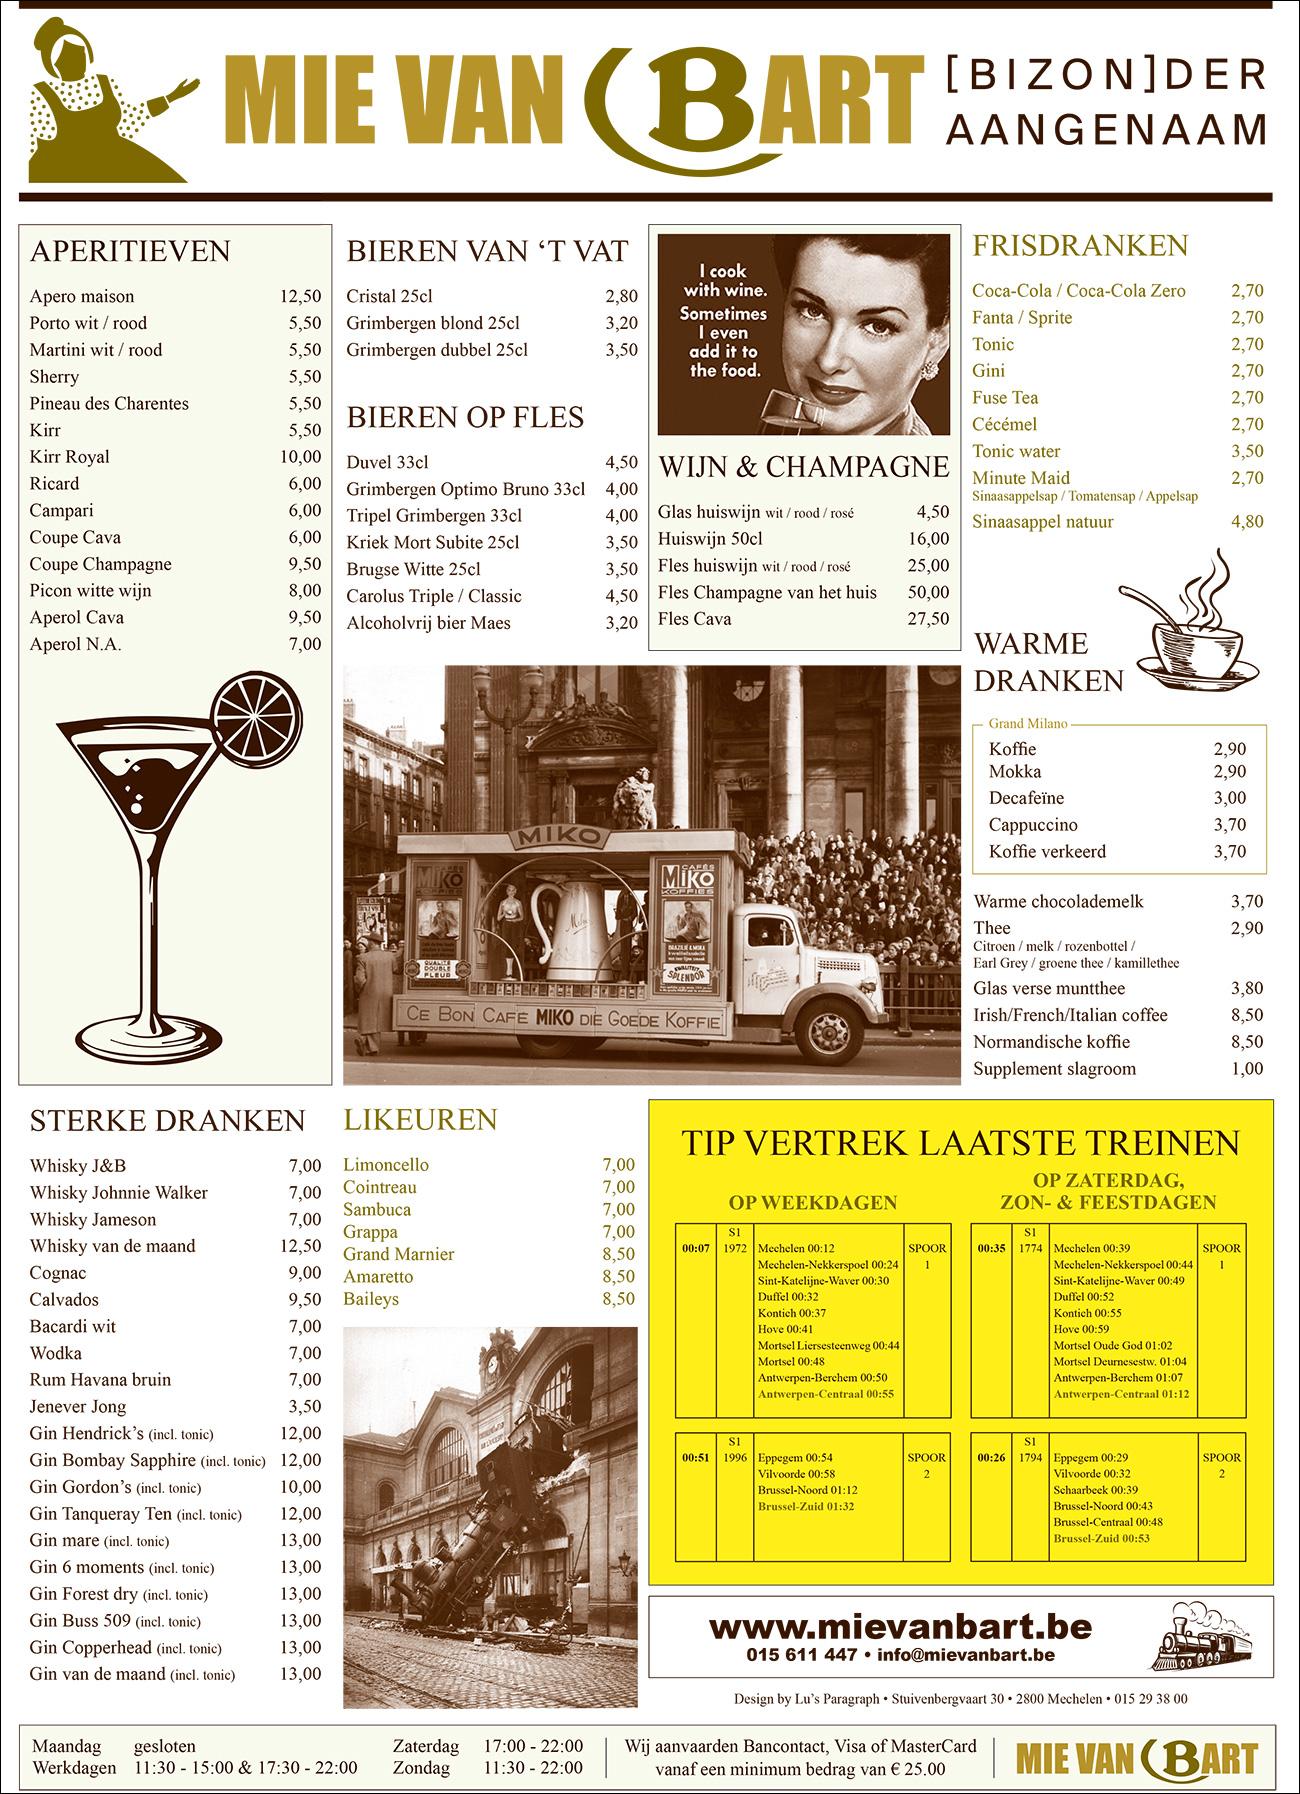 Drankkaart Mie van Bart